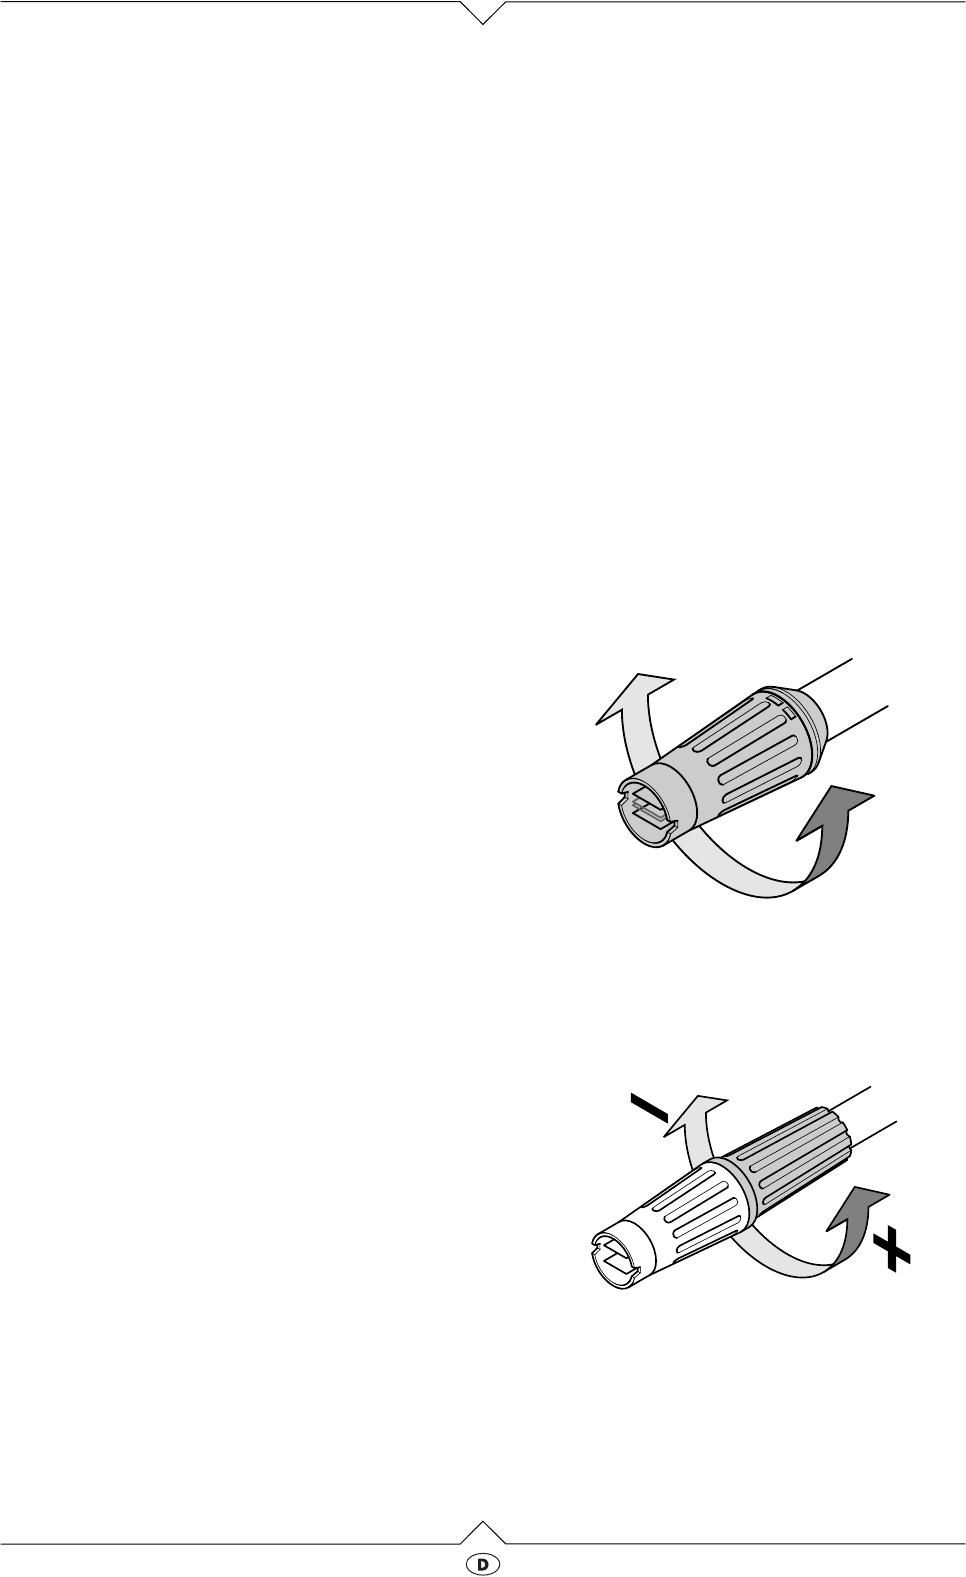 Bekannt Bedienungsanleitung Elektra Beckum HD 111-420 (Seite 3 von 48 HN79